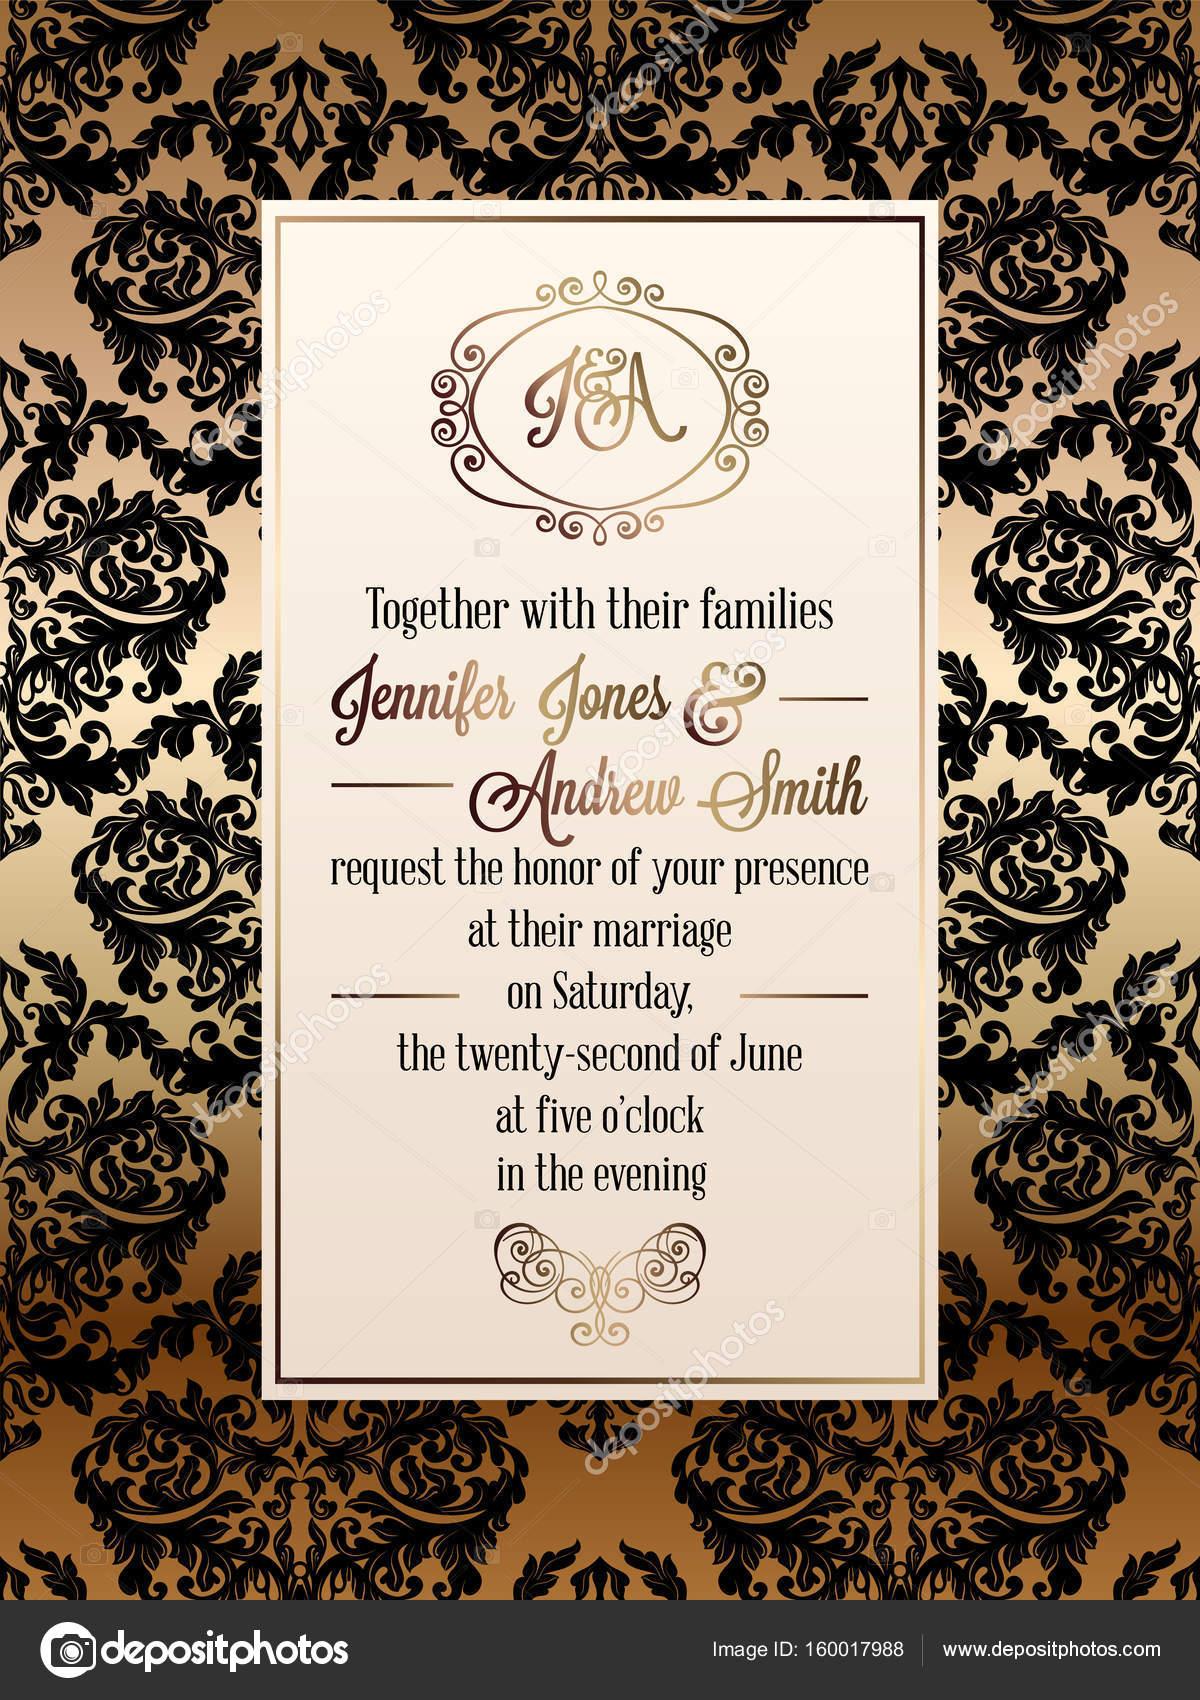 Vintage Barocken Stil Hochzeit Einladung Kartenvorlage... Elegante Formale  Gestaltung Mit Damast Hintergrund